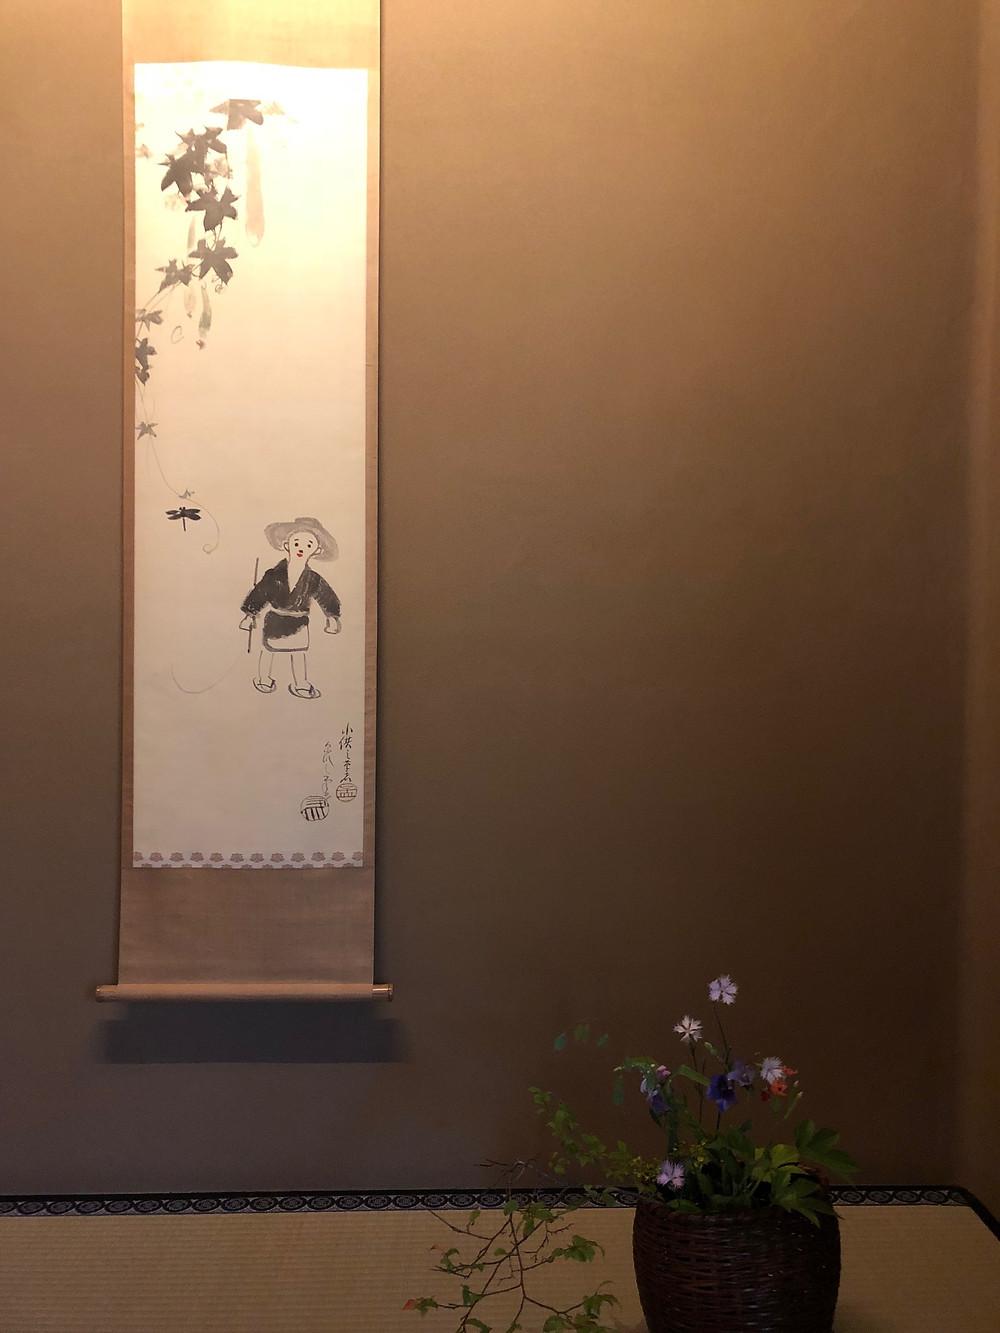 床の間|高台寺和久傳 Photo by Hiroyasu Shoji